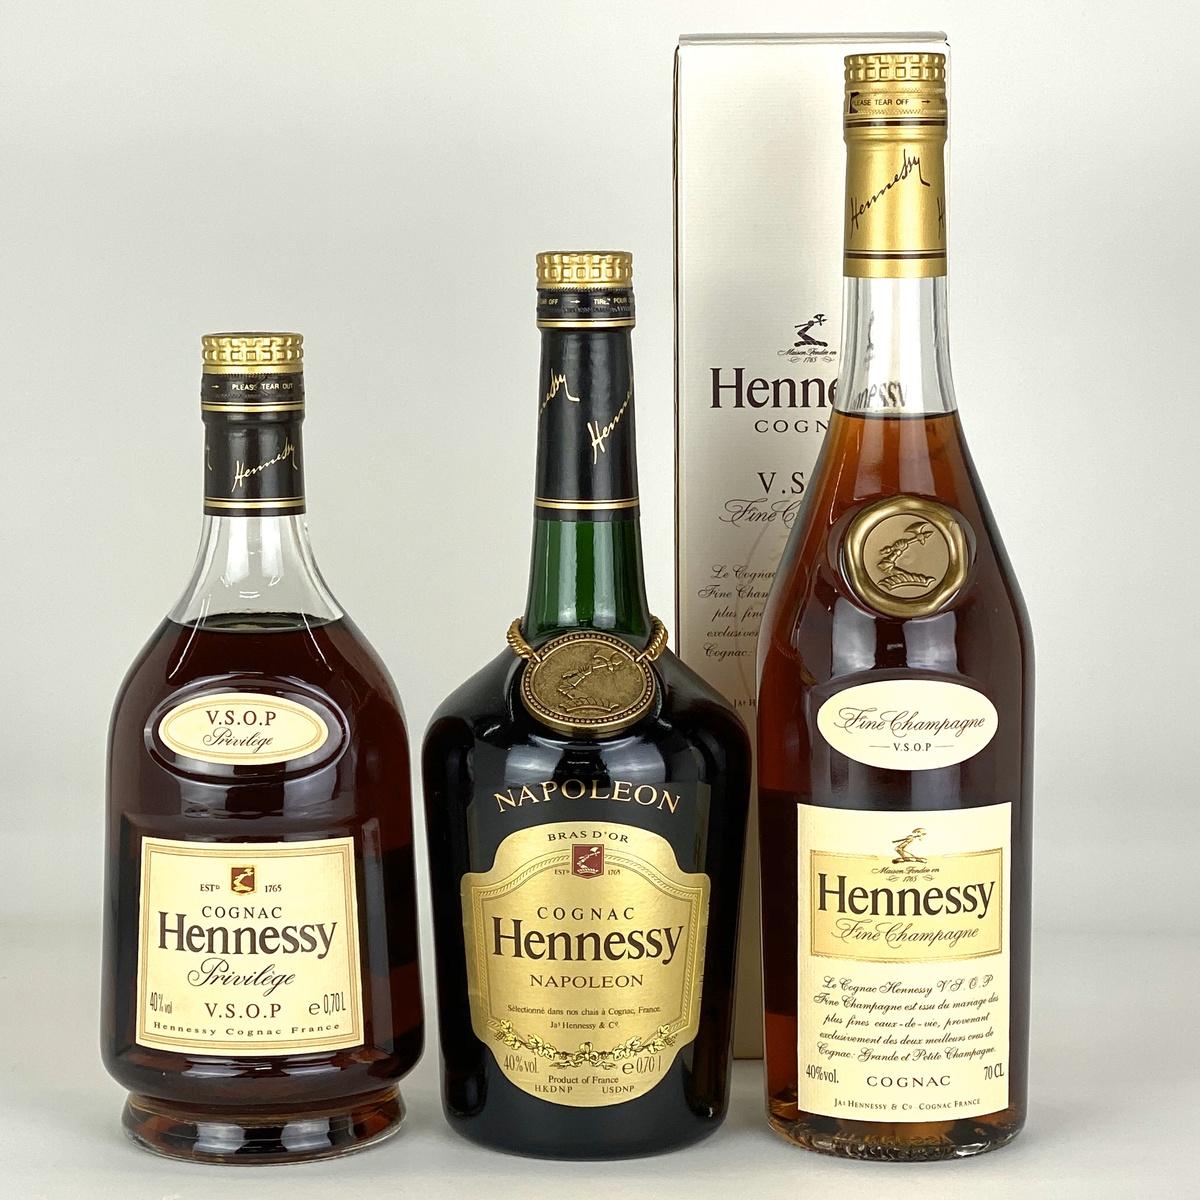 ヘネシー Hennessy ナポレオン VSOP スリムボトル クリアボトル 3本 コニャック ブランデー セット 【古酒】